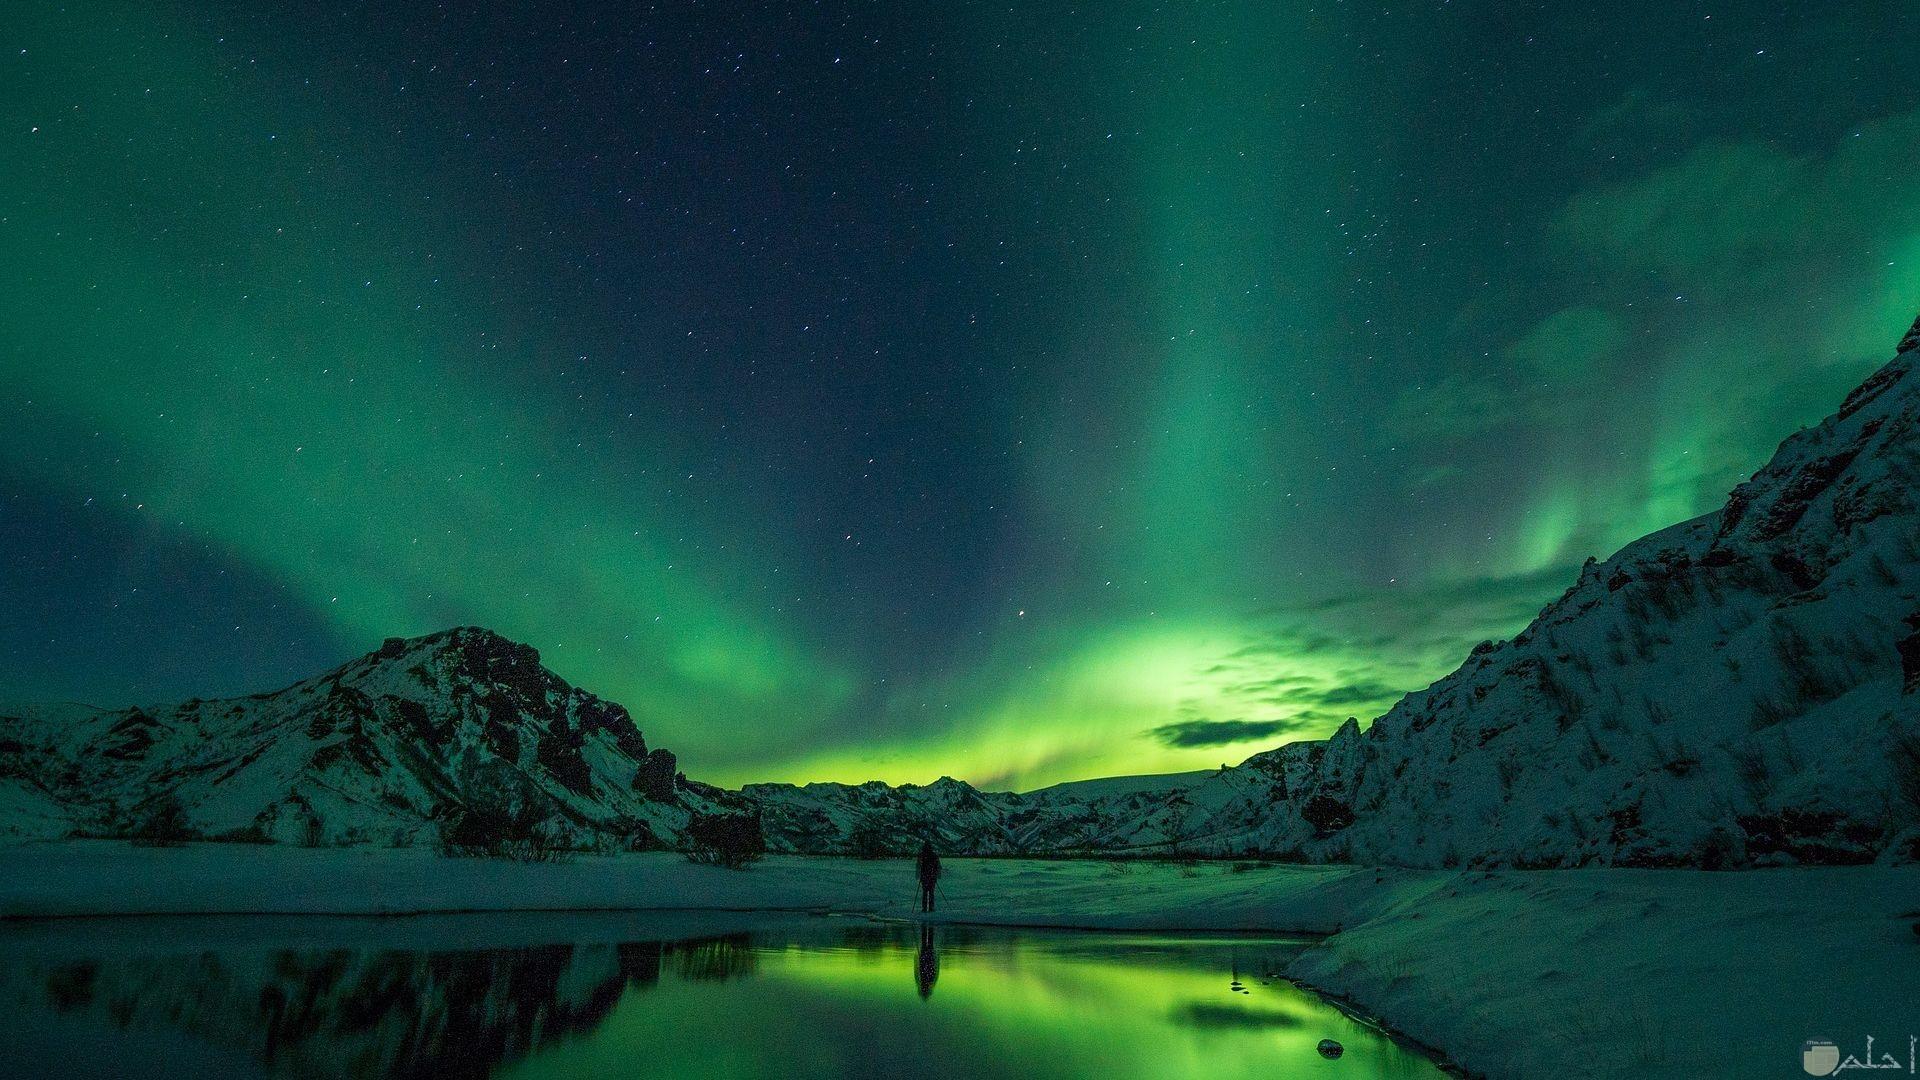 ظاهرة الشفق القطبي و التي تتميز بظهور ألوان جميلة و خلابة في السماء.